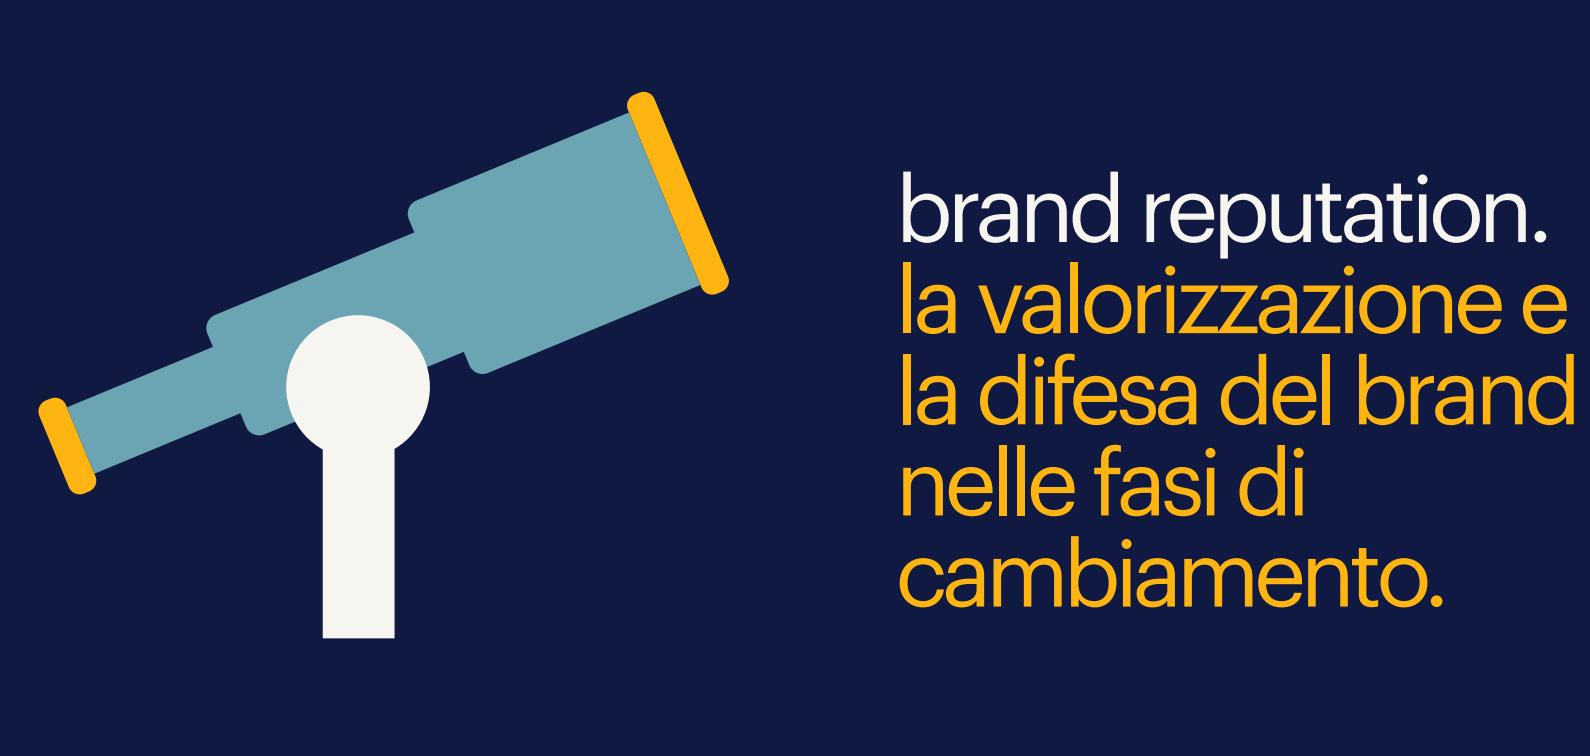 Randstad: Brand reputation. La valorizzazione e la difesa del brand nelle fasi di cambiamento